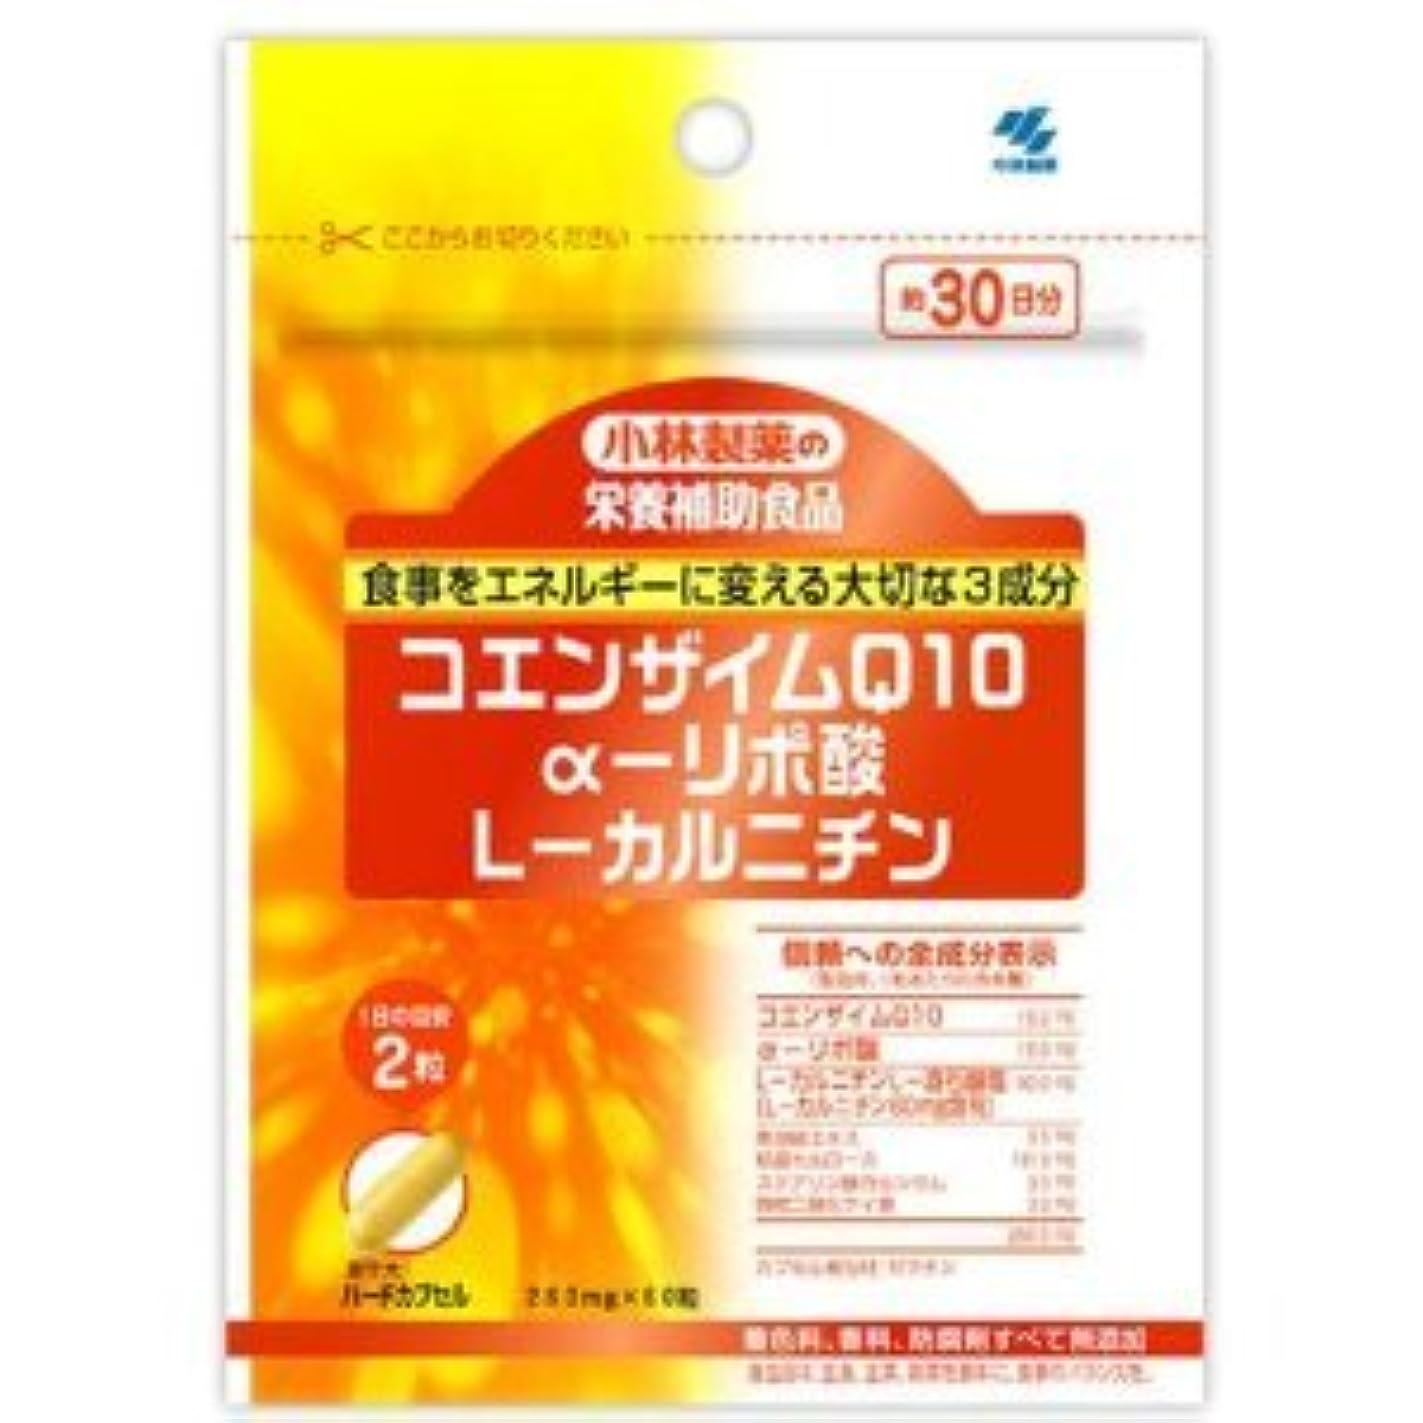 手段こねるコードレス小林製薬の栄養補助食品 コエンザイムQ10 αリポ酸 L-カルニチン 60粒 3個セット